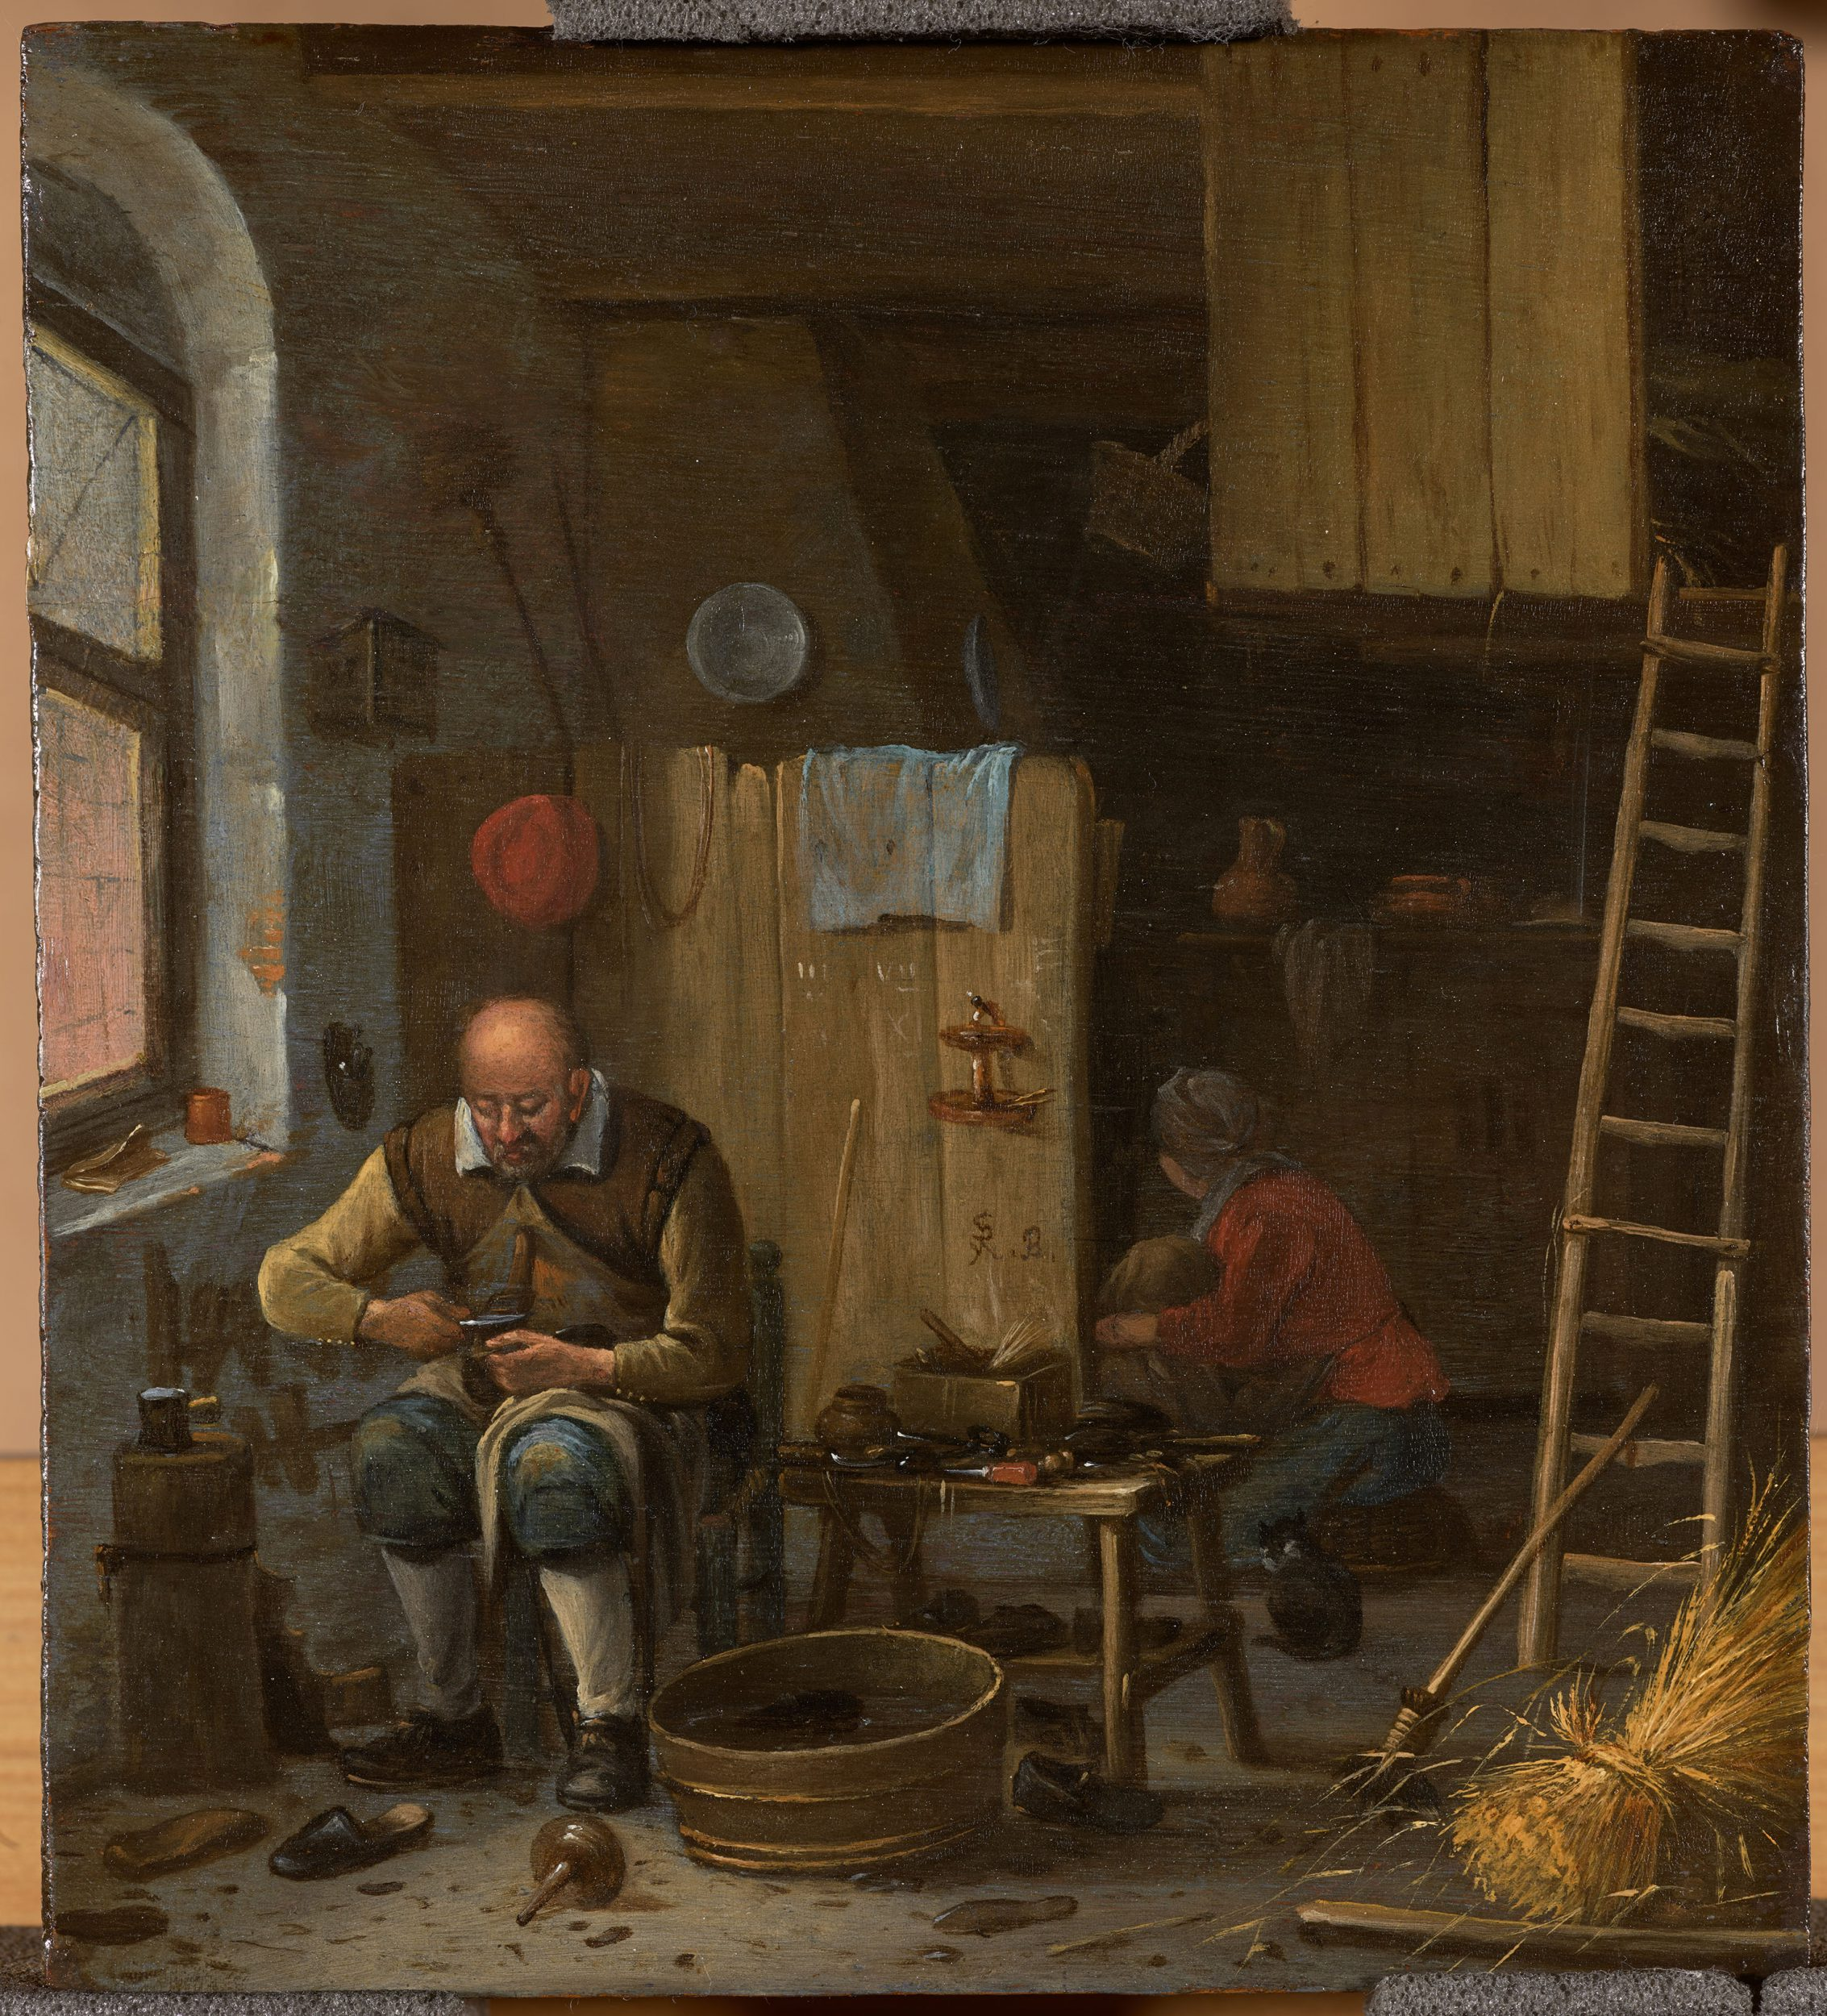 The Shoemaker in his studio